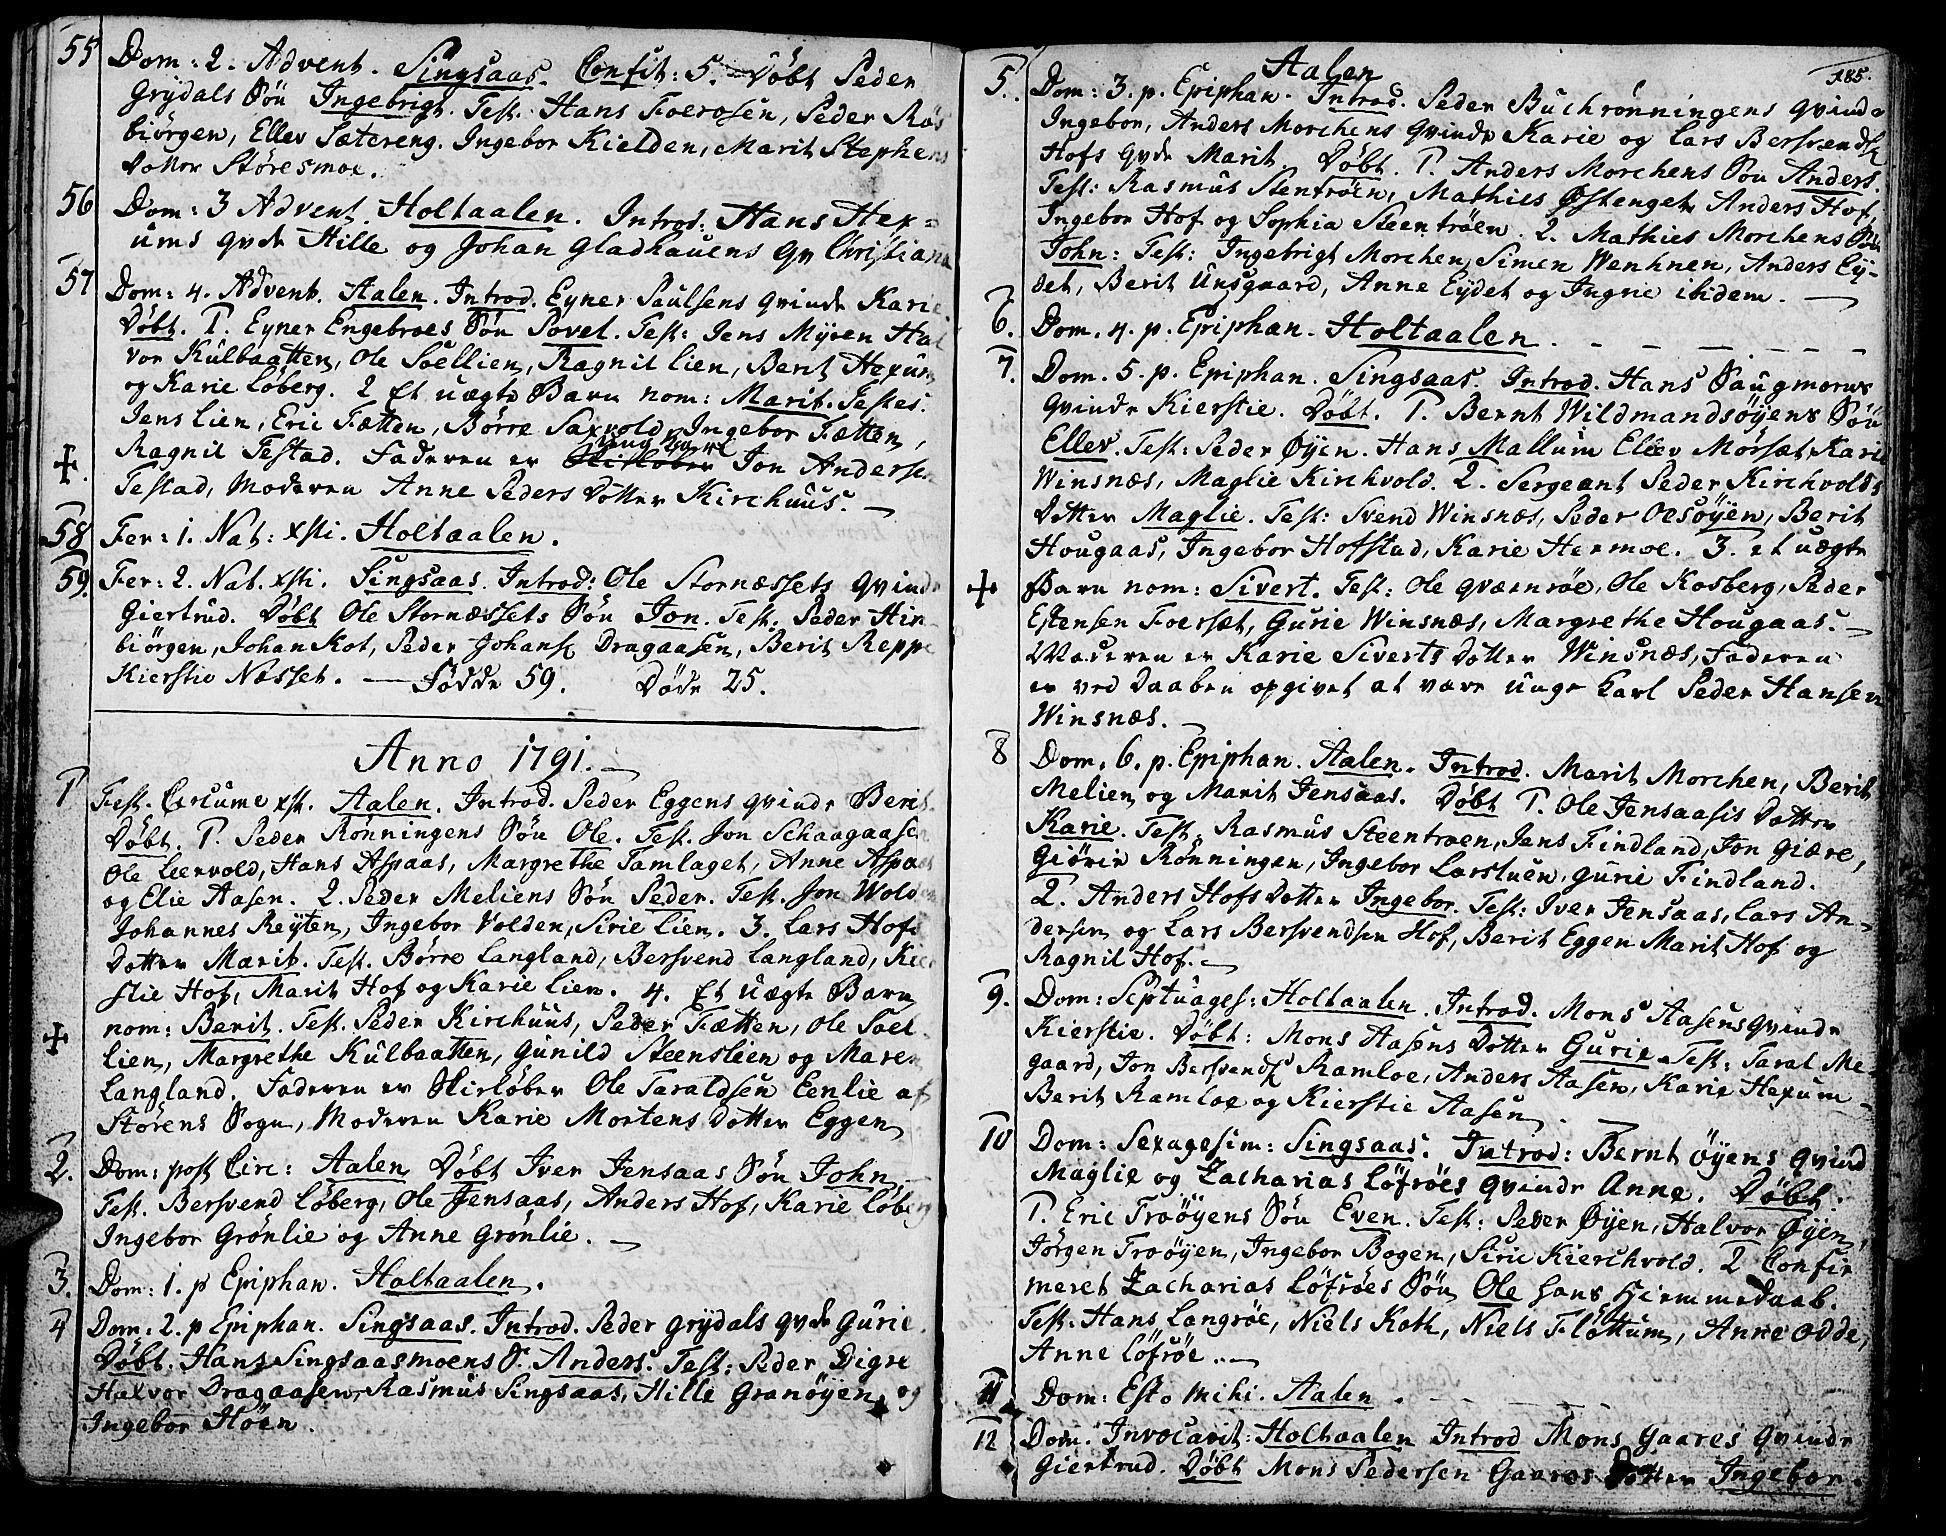 SAT, Ministerialprotokoller, klokkerbøker og fødselsregistre - Sør-Trøndelag, 685/L0952: Ministerialbok nr. 685A01, 1745-1804, s. 185